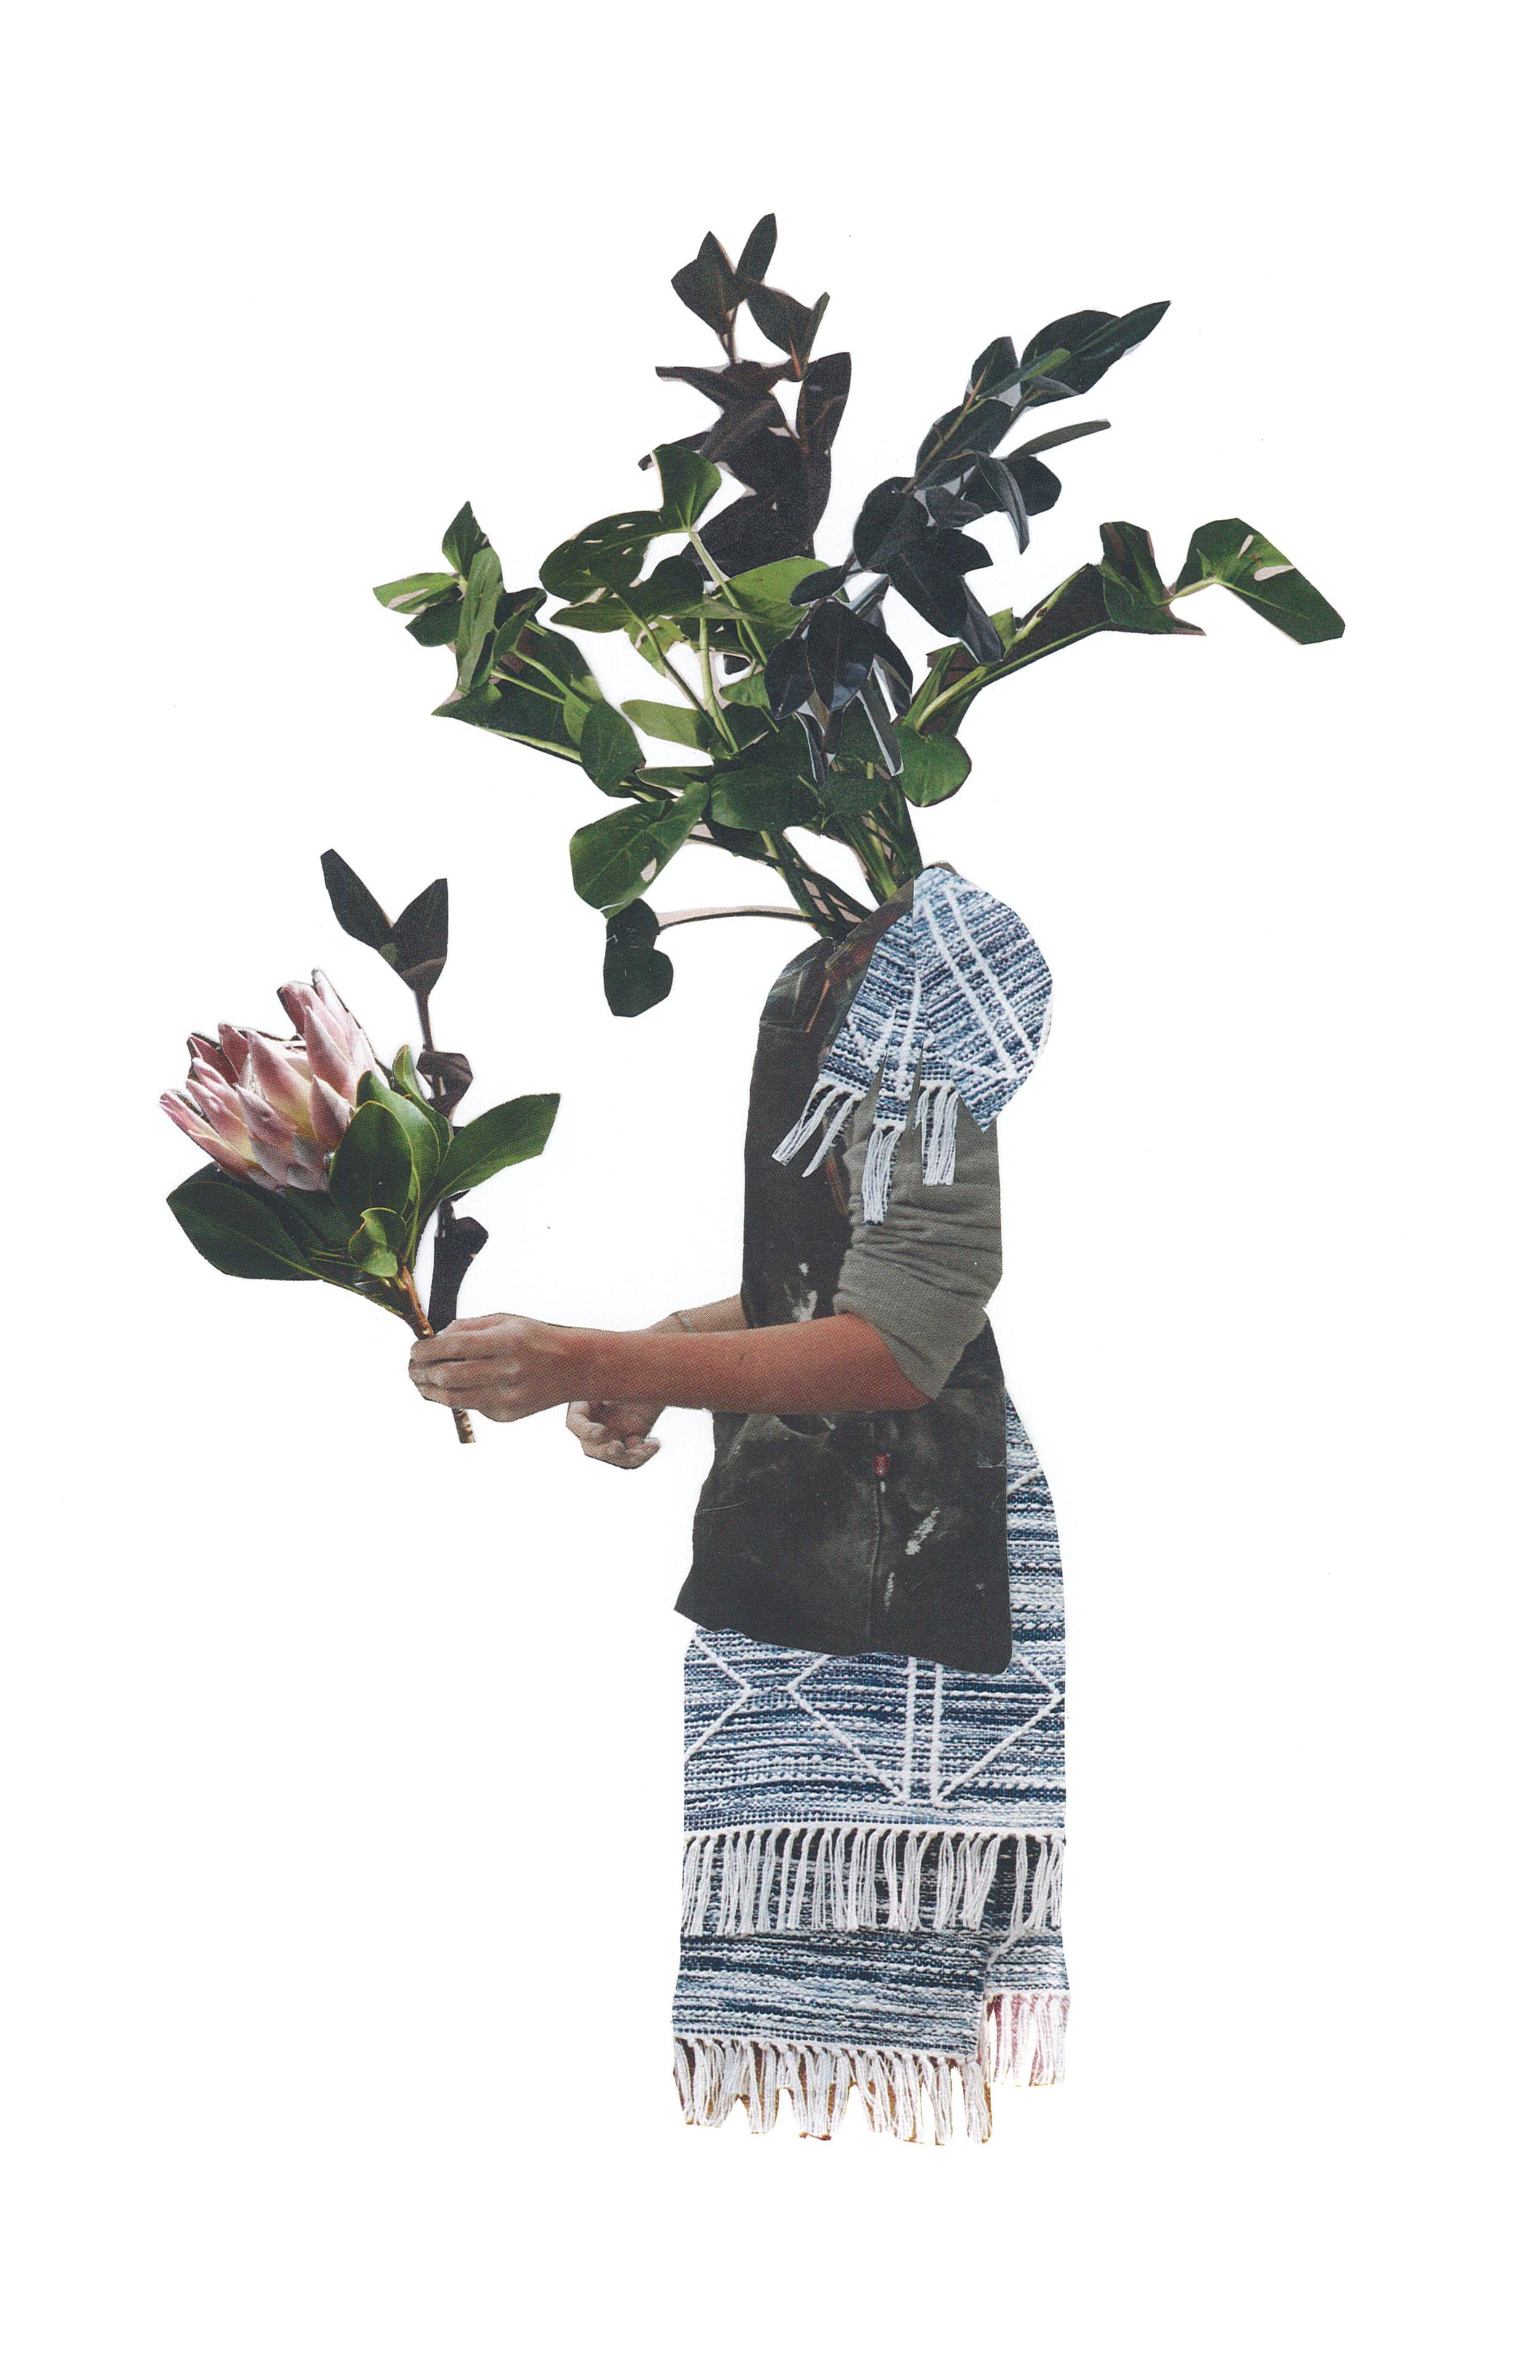 flowers in hand 11x17.jpg